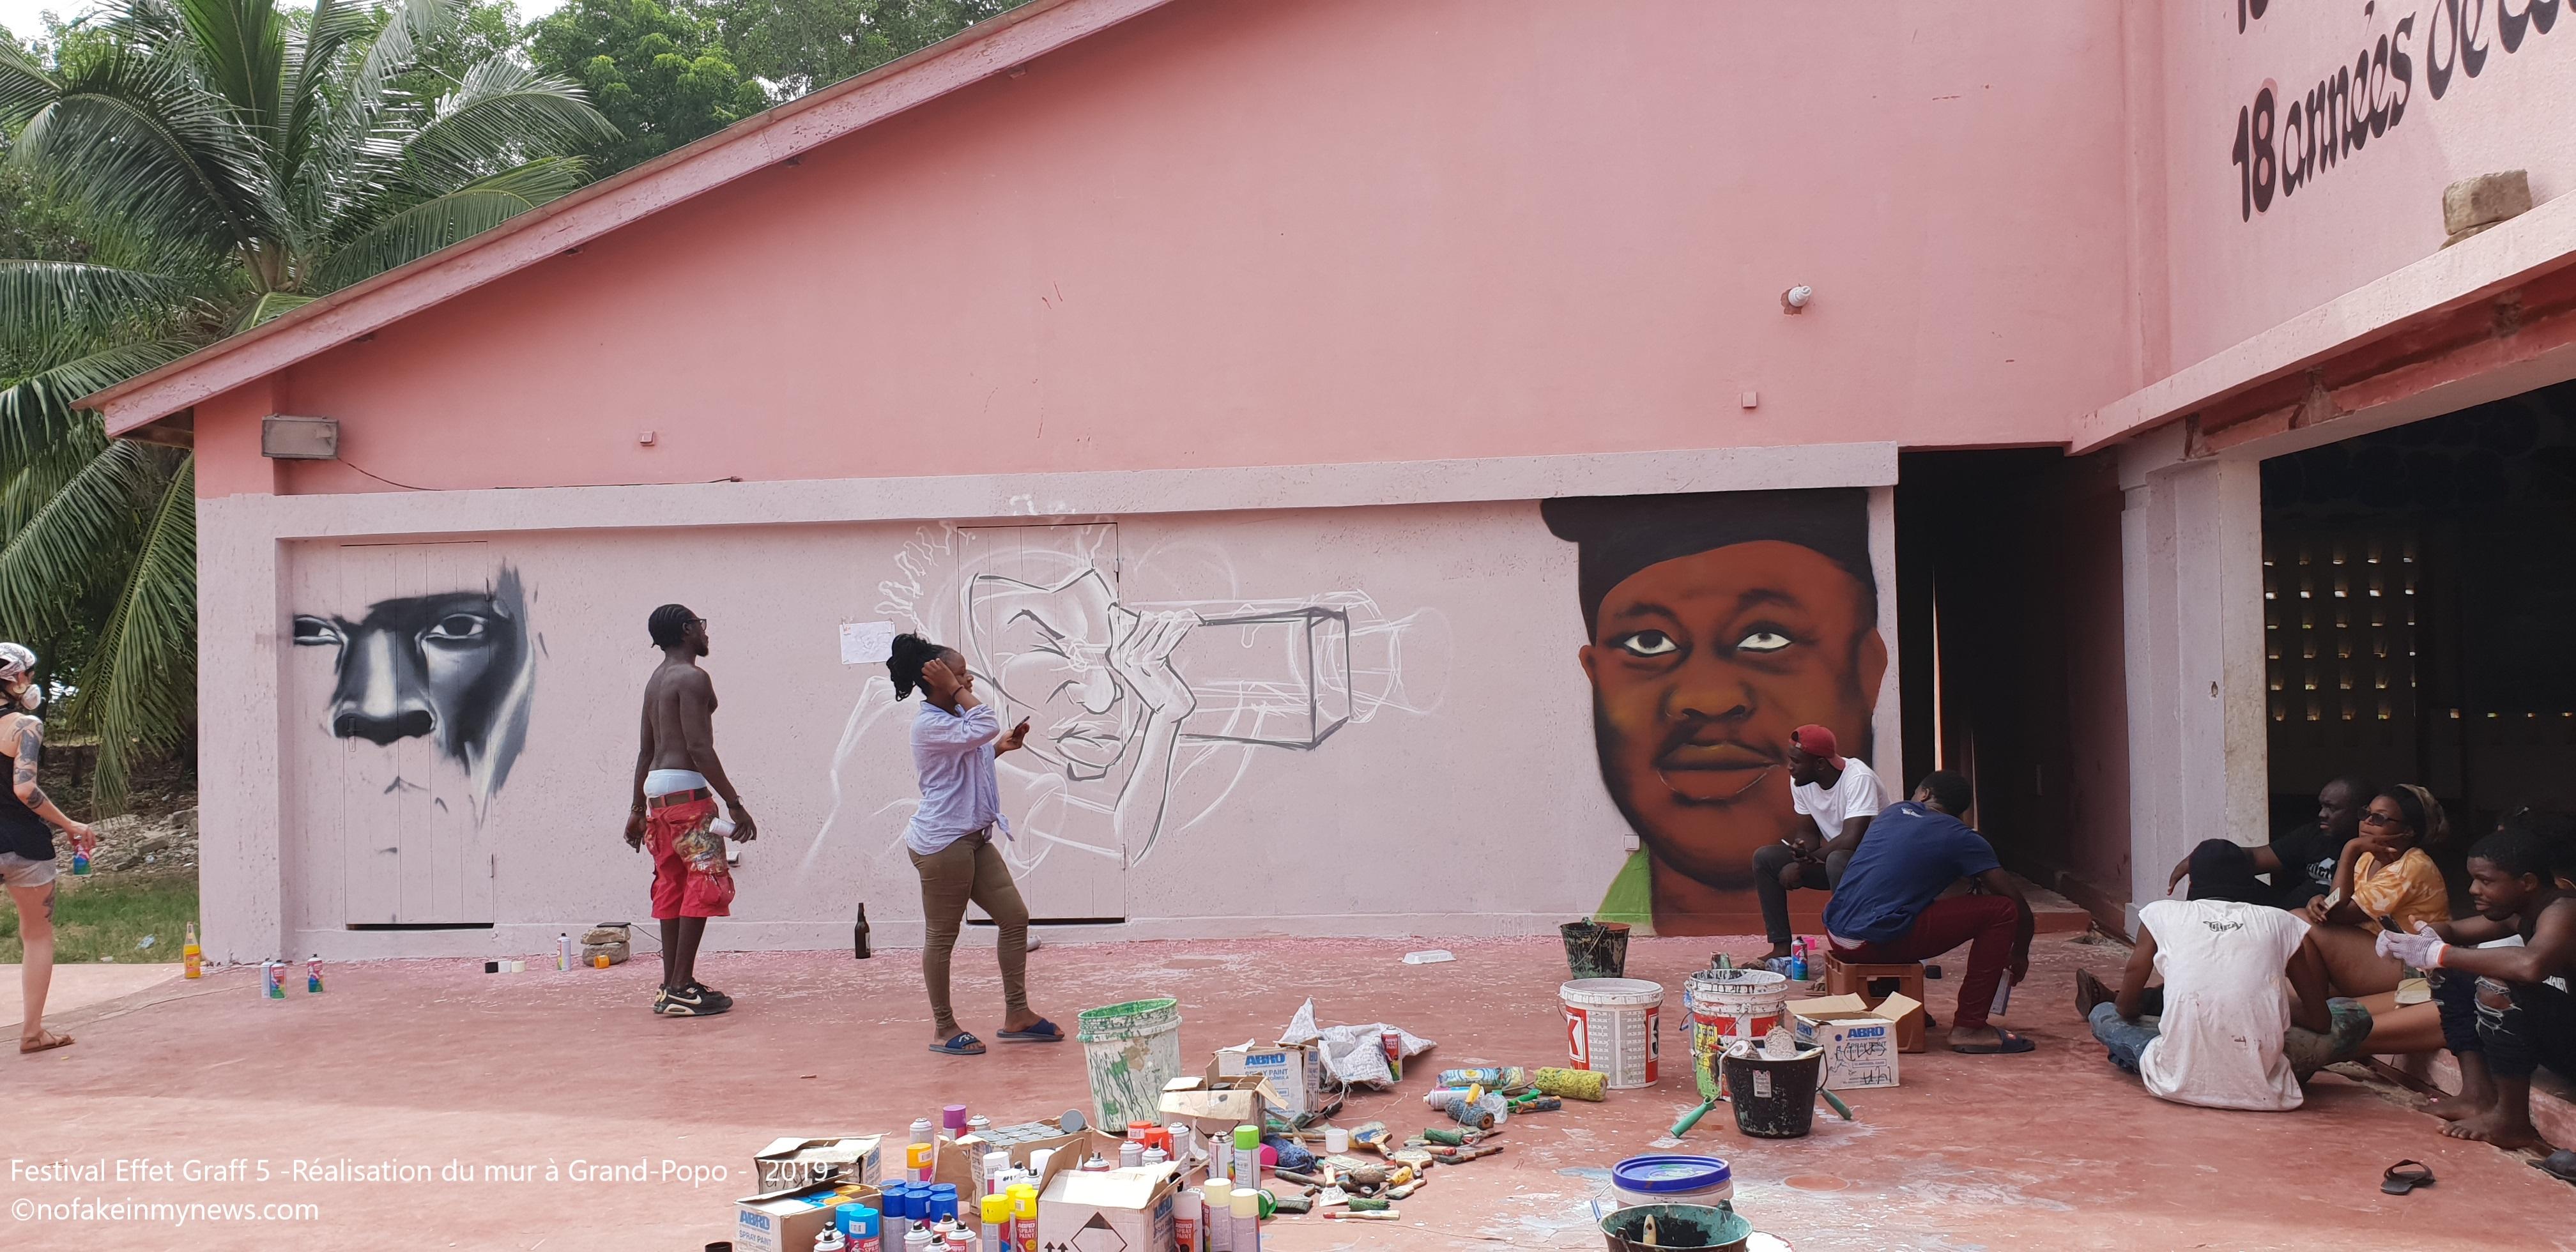 Festival Effet Graff 5 -Réalisation du mur à Grand-Popo - 2019 - ©nofakeinmynews